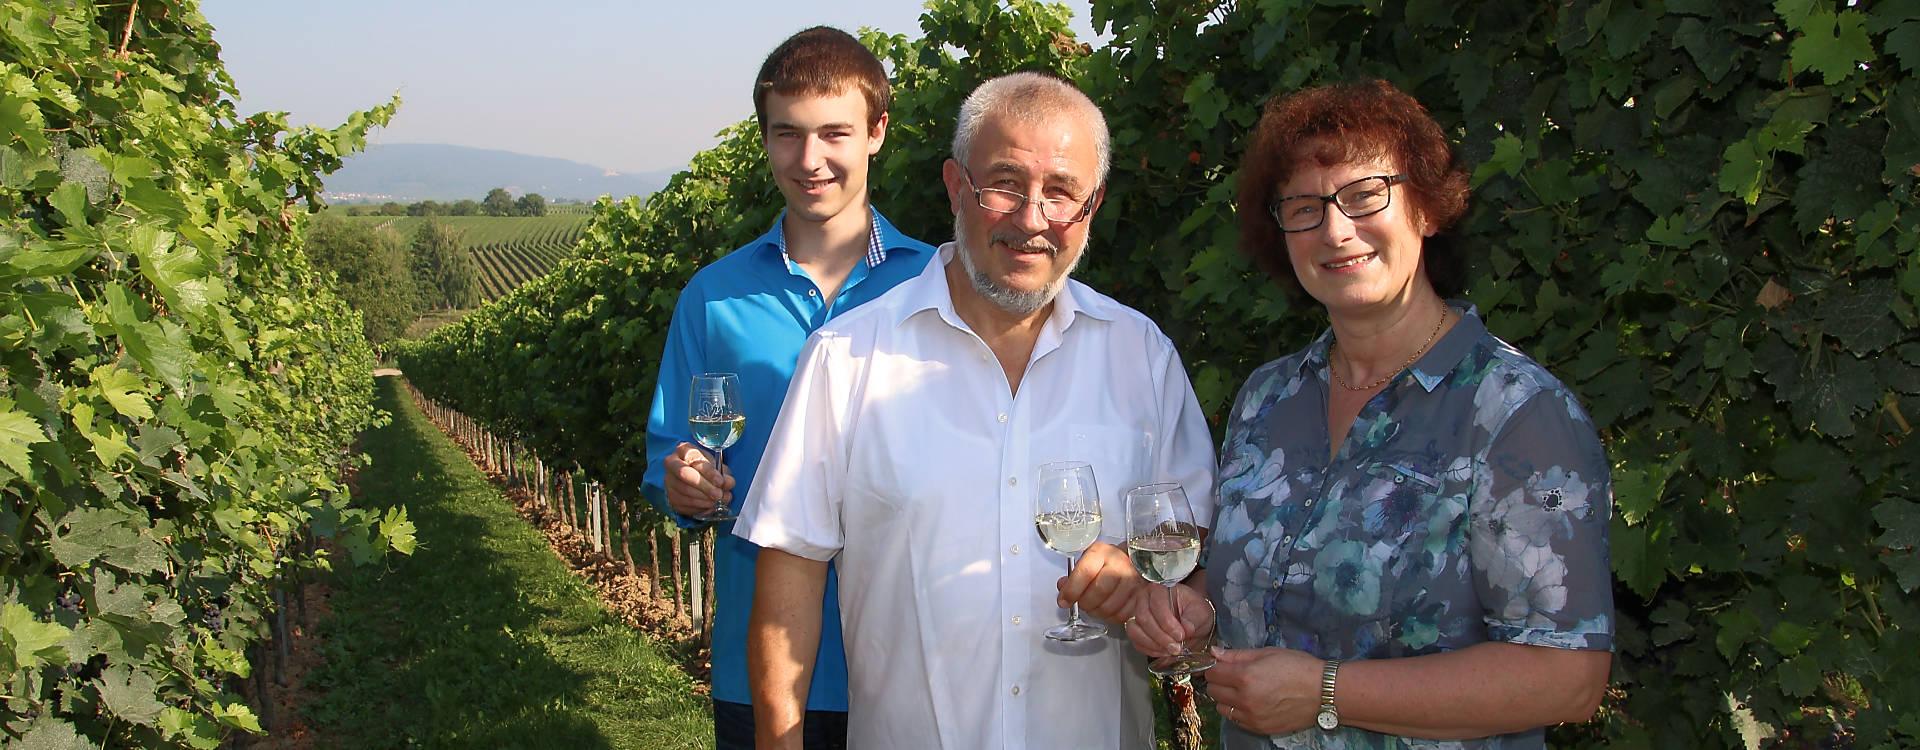 Wein ist unsere Leidenschaft